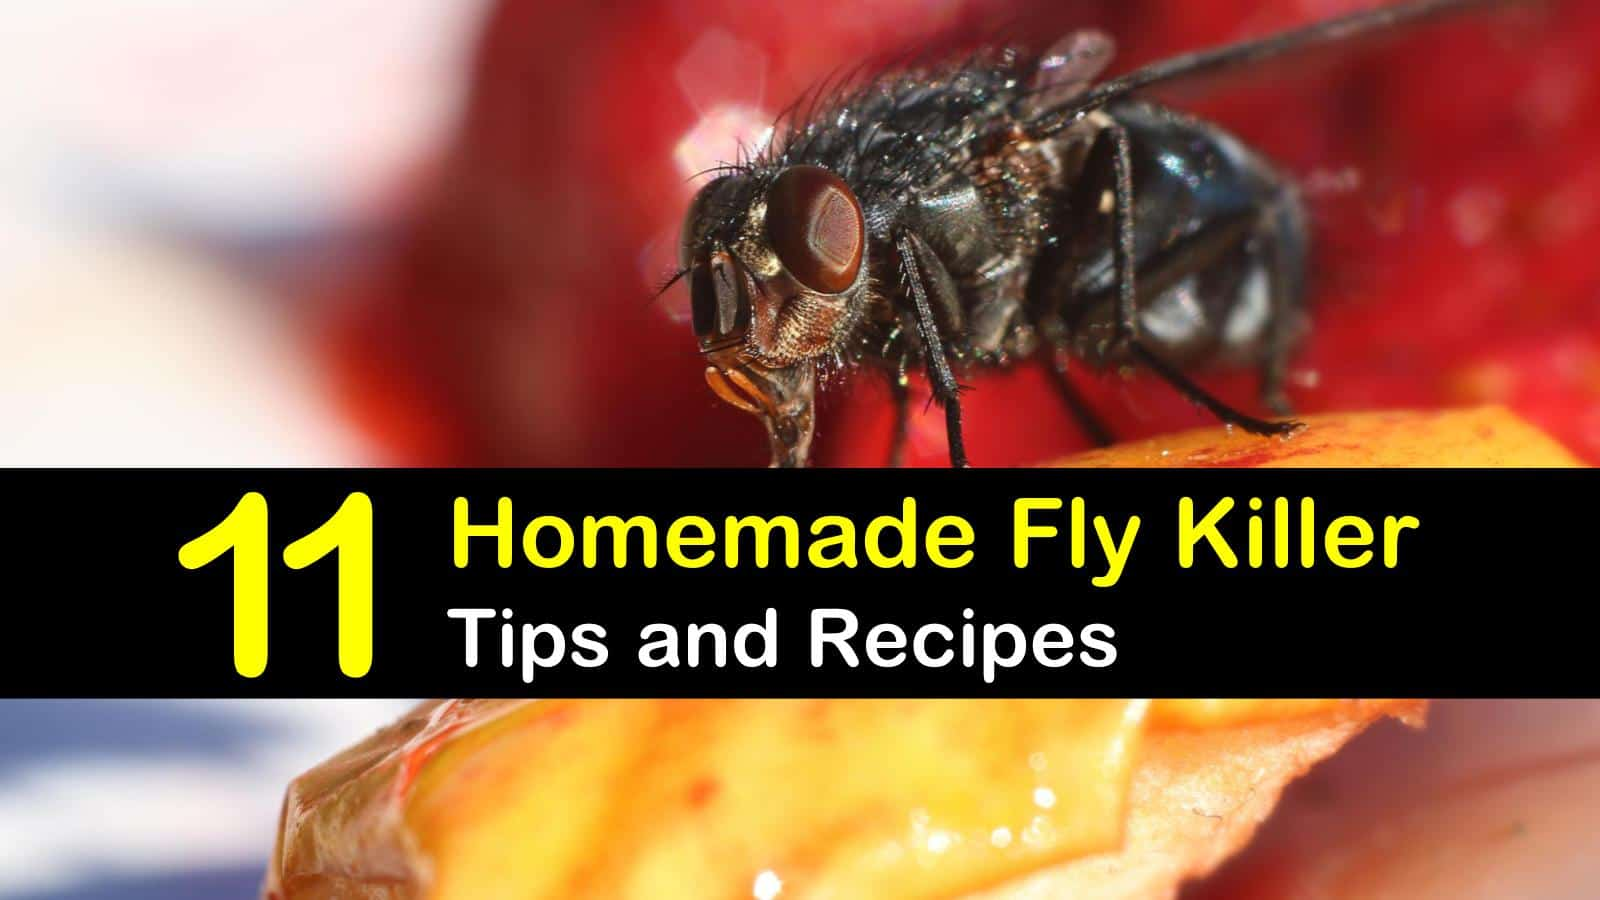 homemade fly killer titleimg1